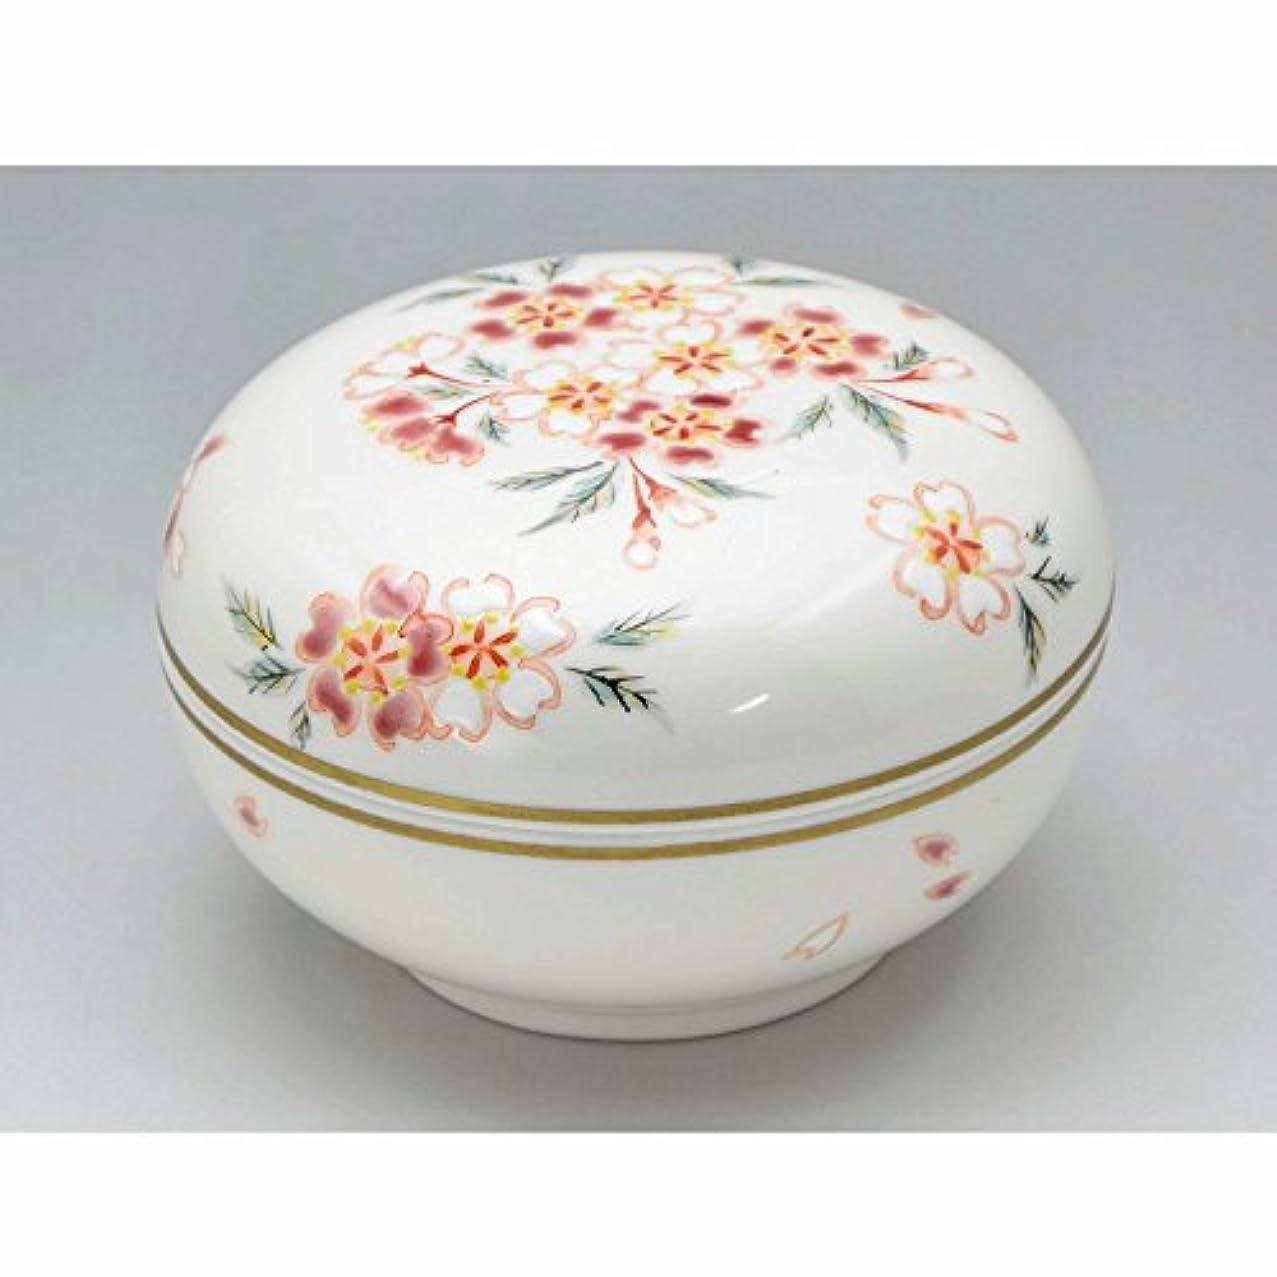 明日ホール証拠京焼?清水焼 磁器 香合 花桜 紙箱入 Kiyomizu-kyo yaki ware. Japanese porcelain kogo incense burner hanazakura with paper box.